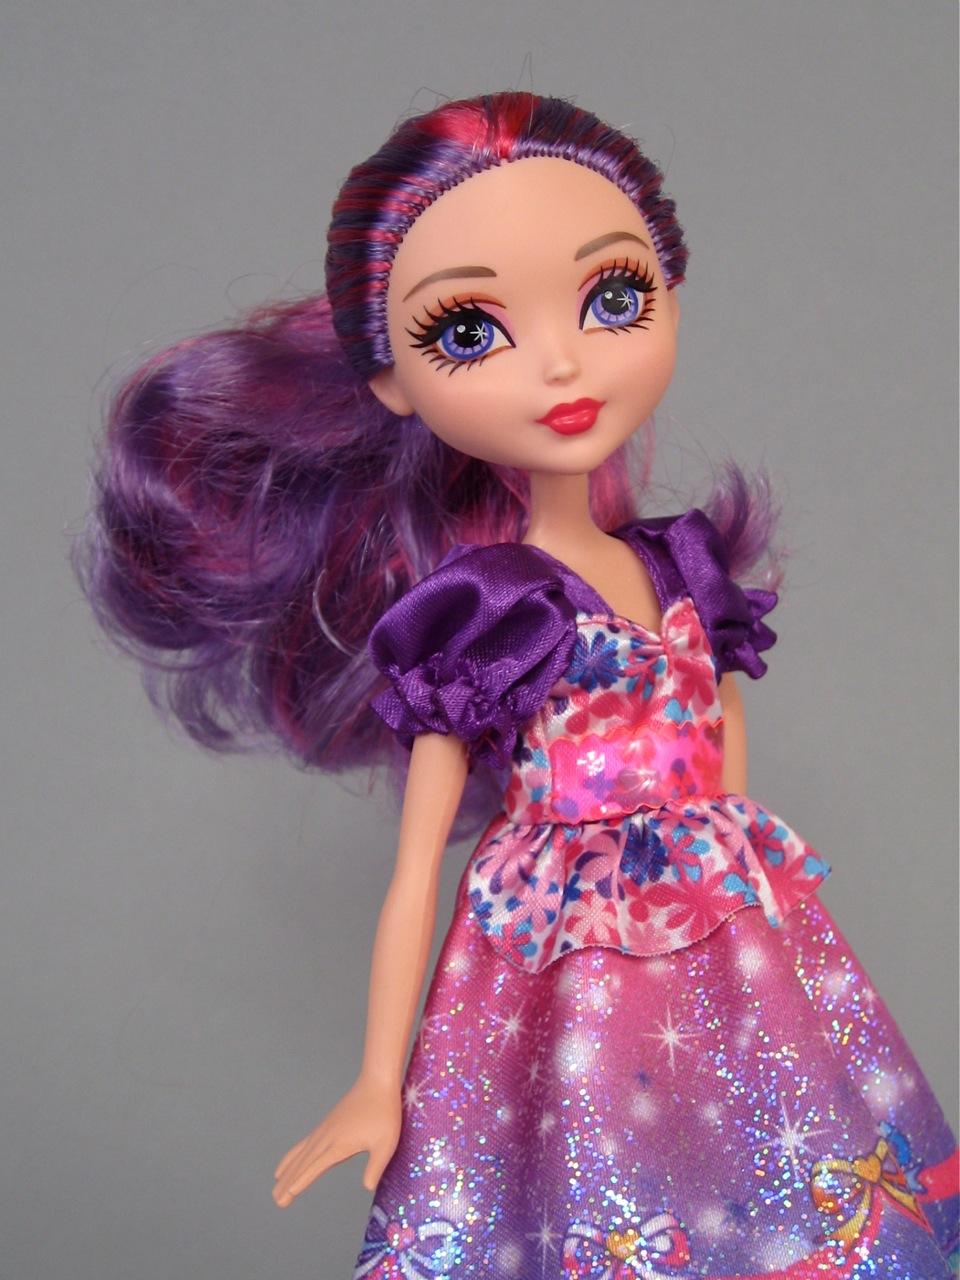 Princess Malucia